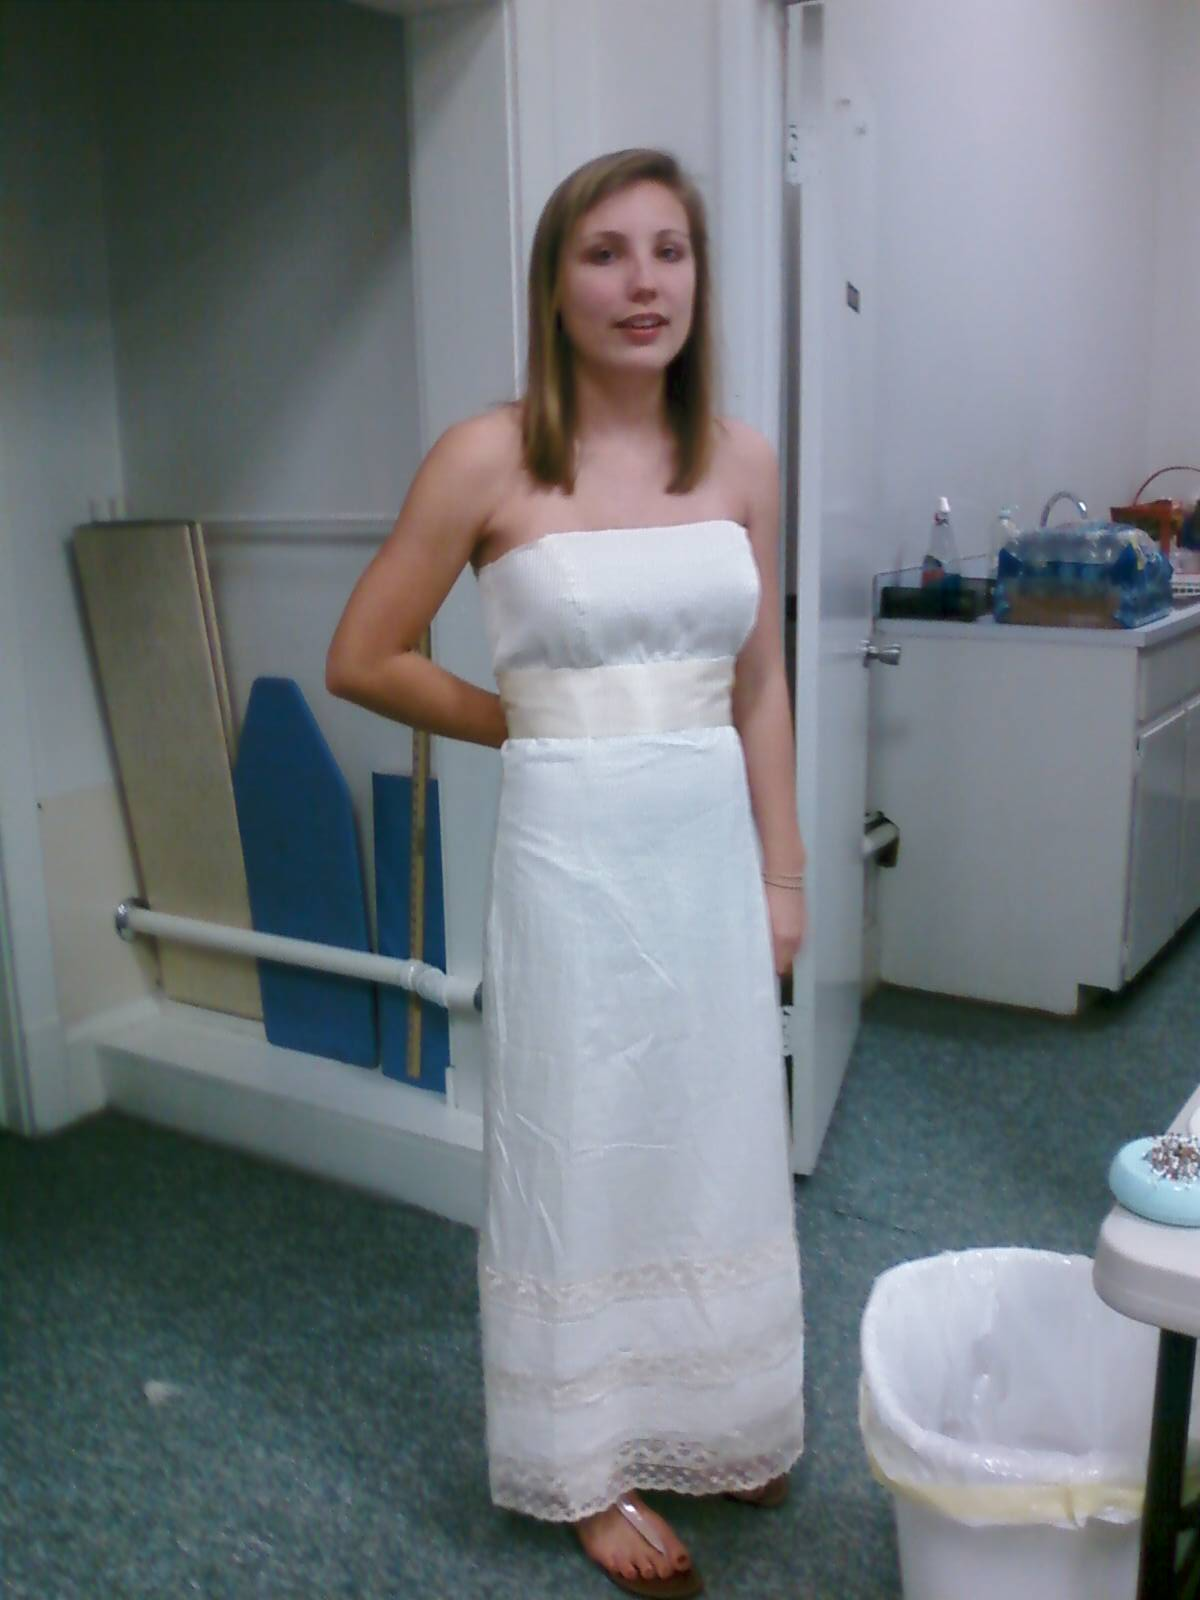 [Lizzie+Dress]